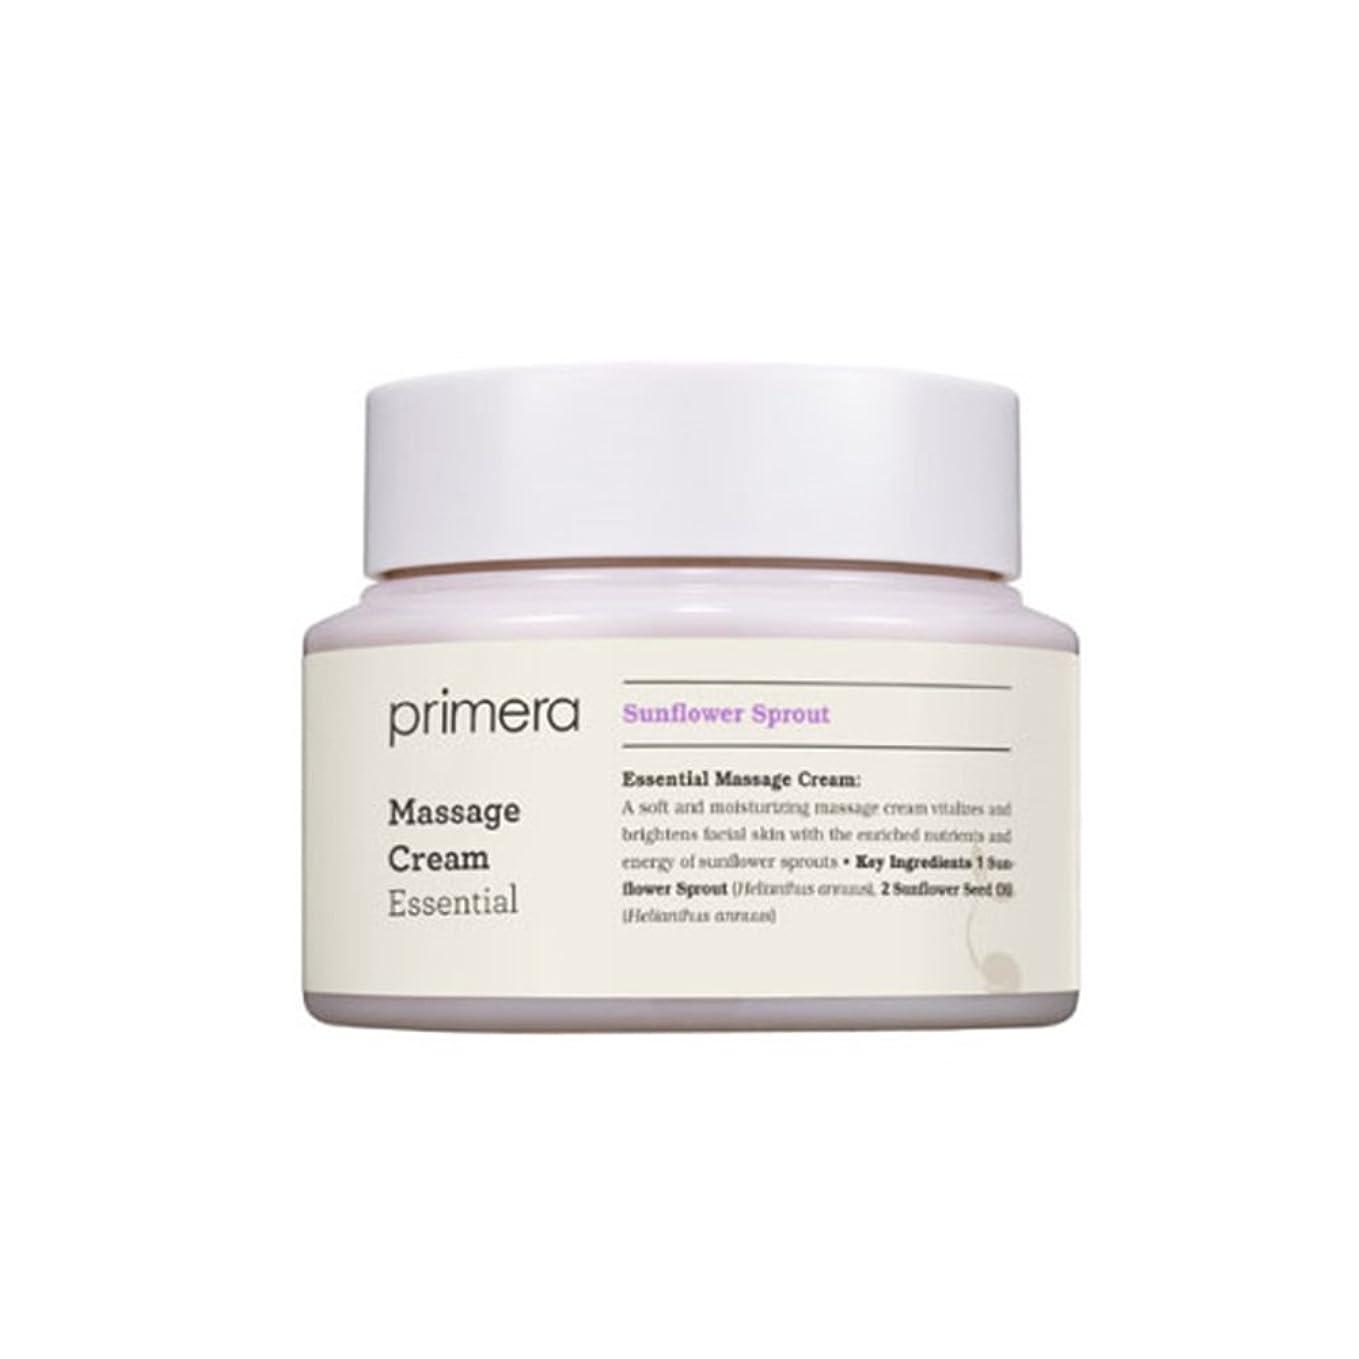 資本慣性タイル(プリメーラ) PRIMERA エッセンシャルマッサージ クリーム Essential Massage Cream (韓国直発送) oopspanda